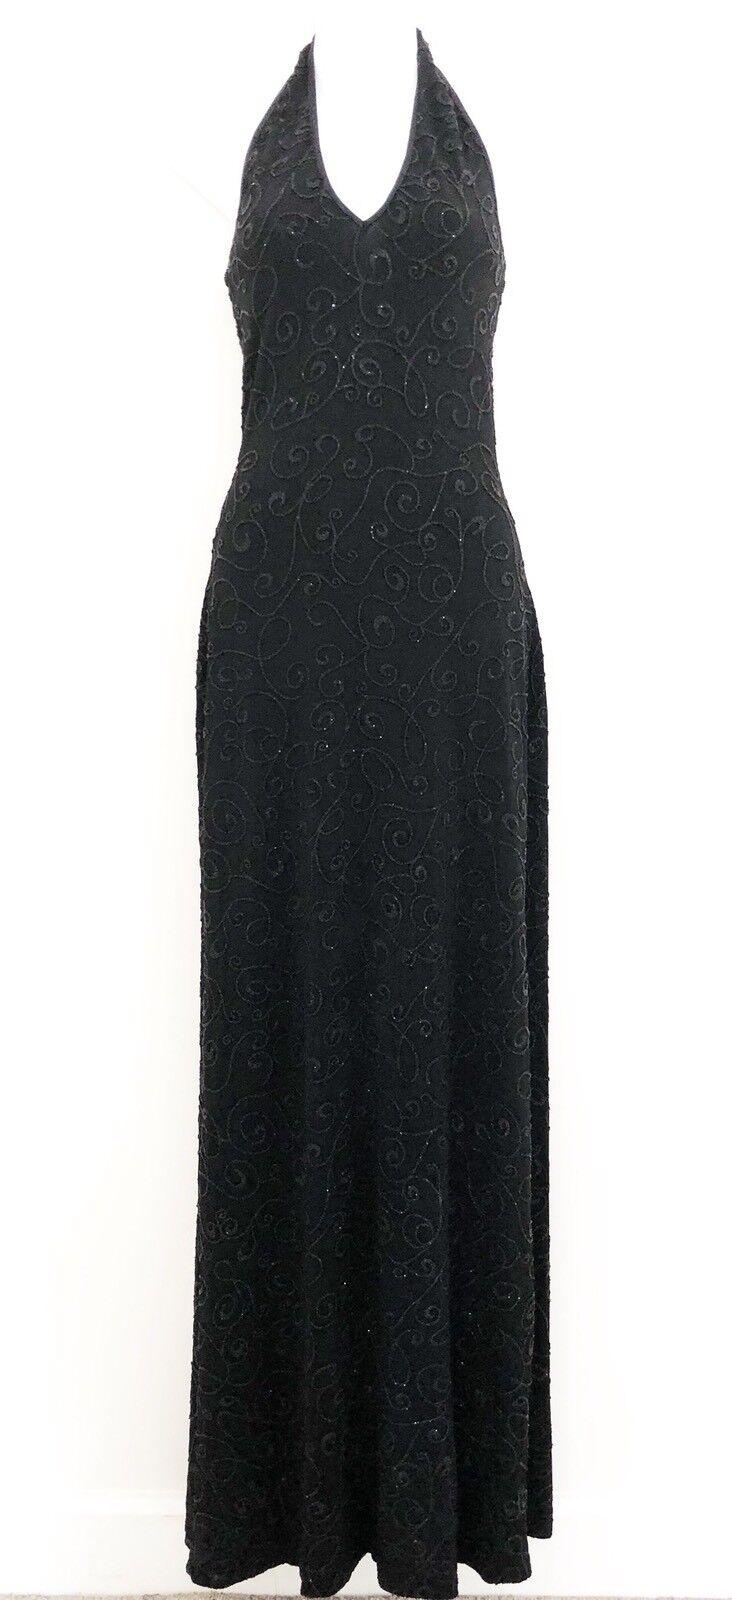 Alexia Admor for CACHE damen Evening Gown Dress Sz XS schwarz Sleeveless Stretch